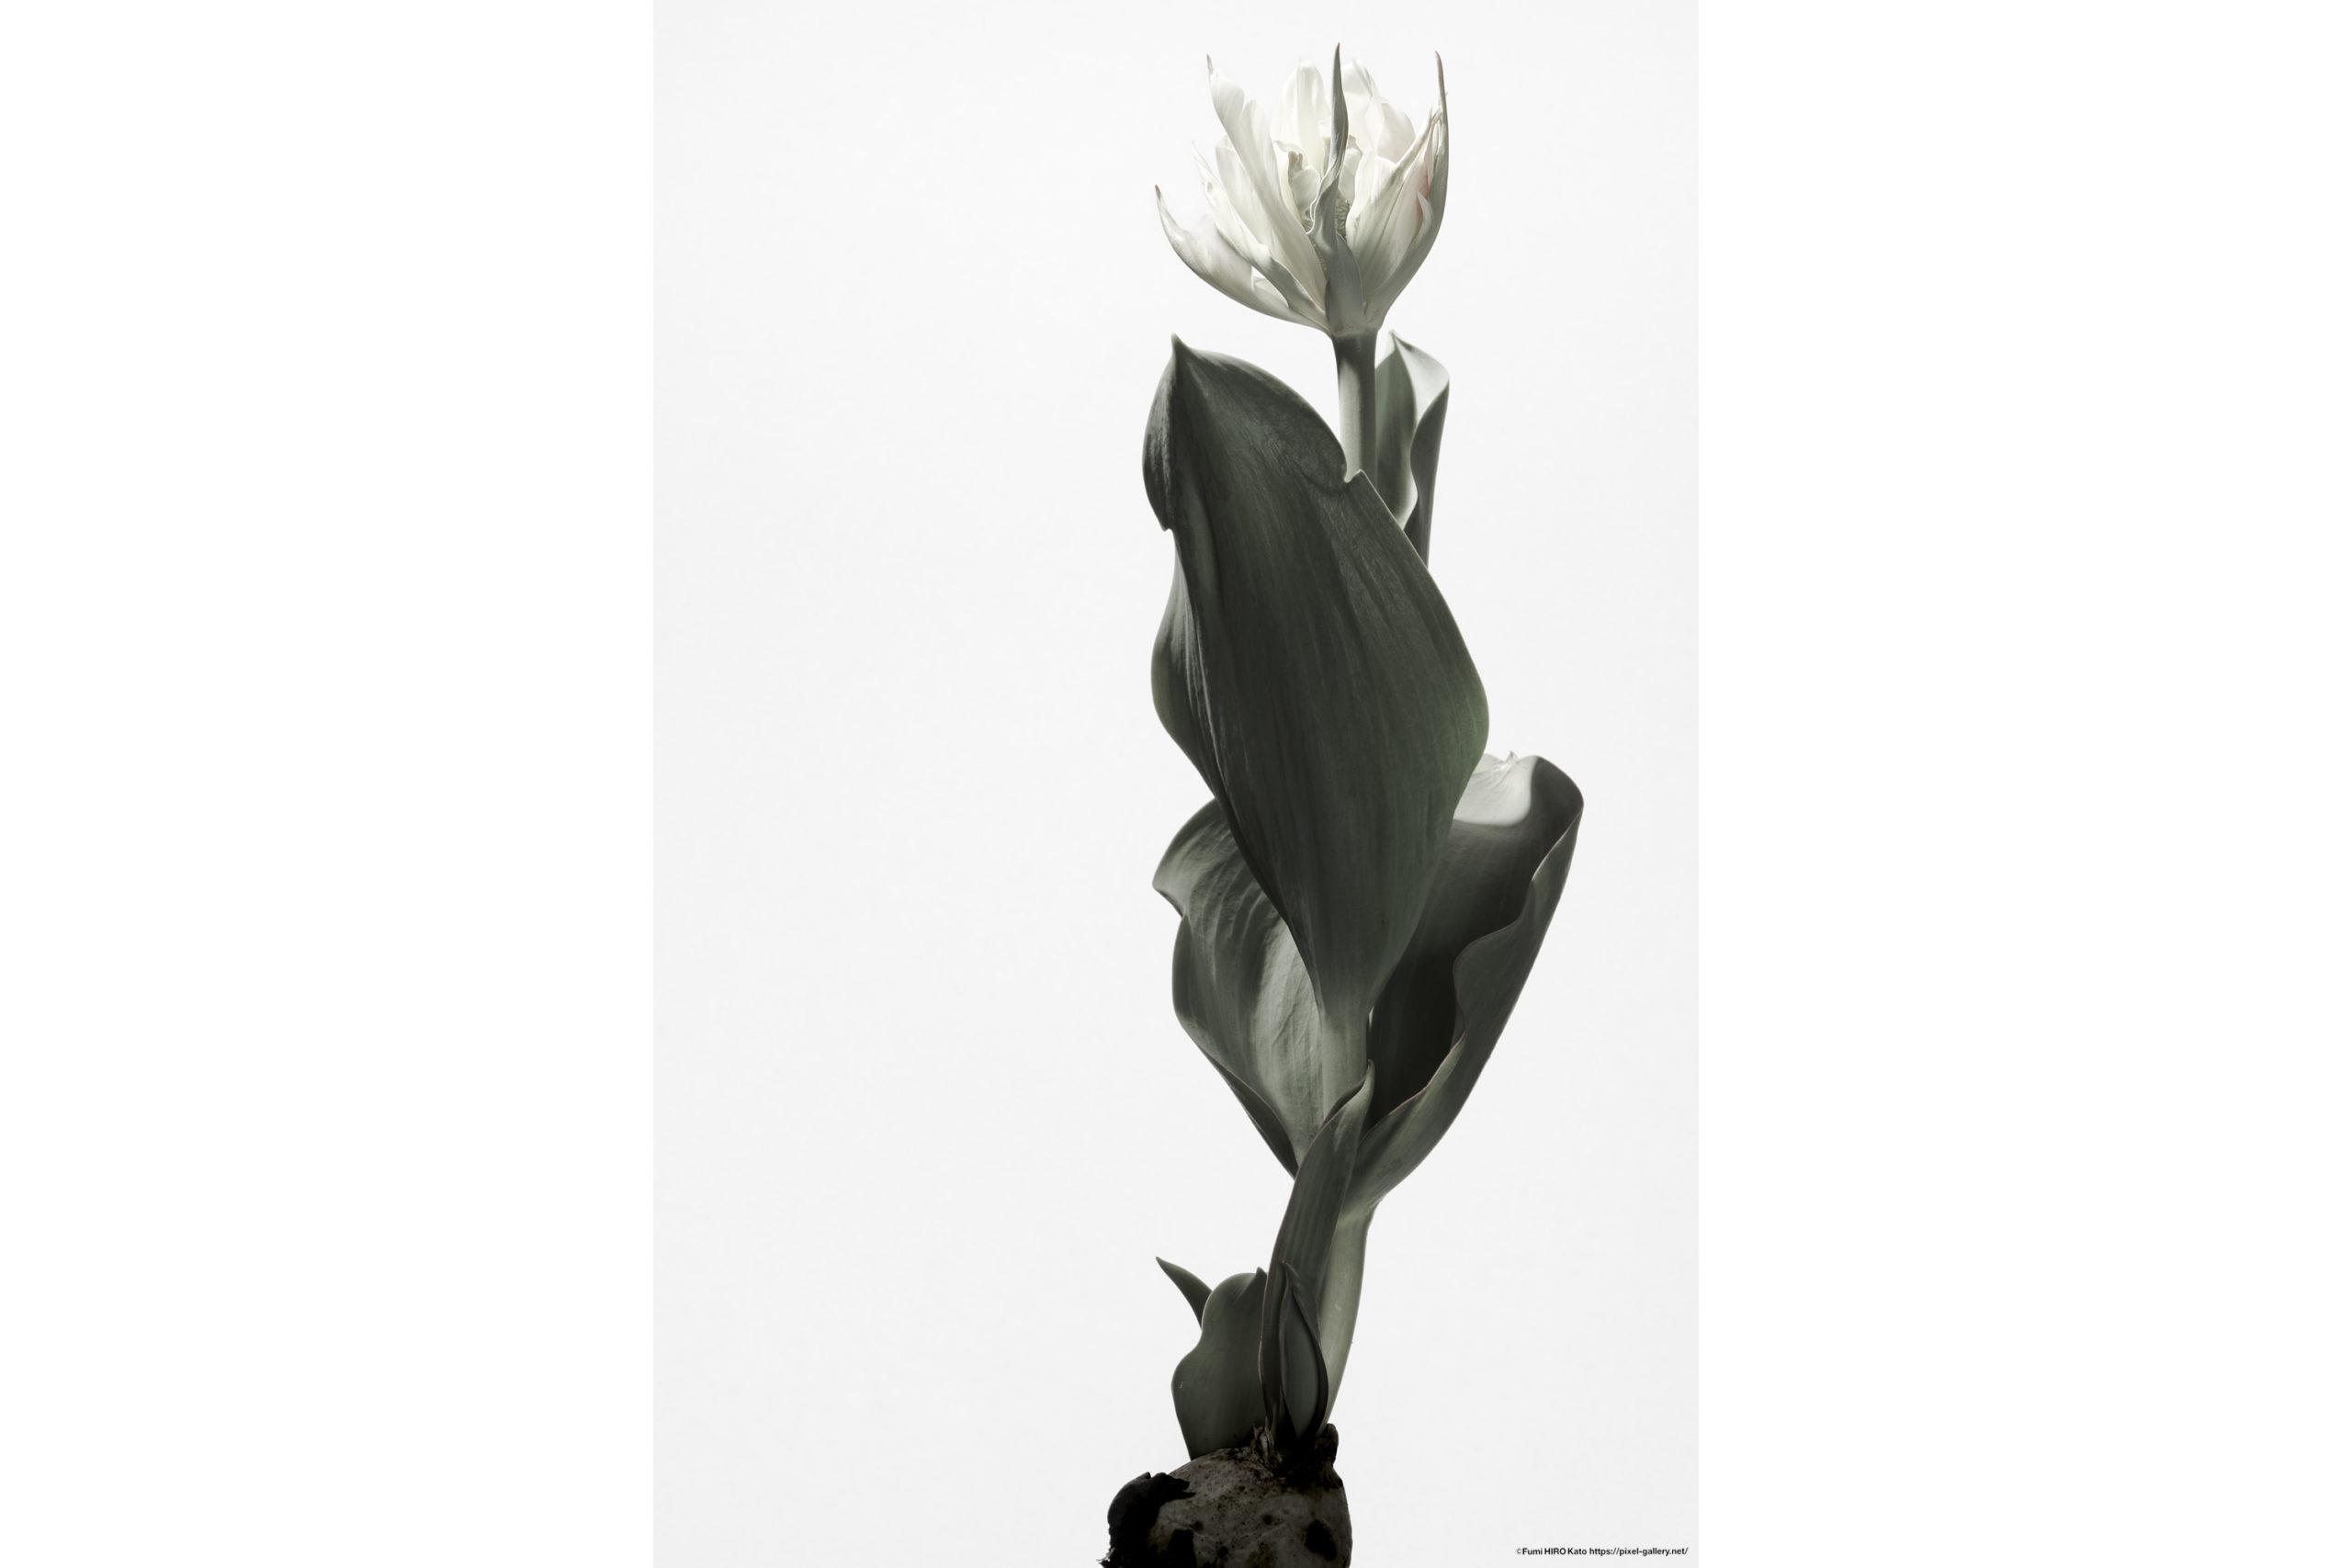 ハナ 2020-010 Tulip #1